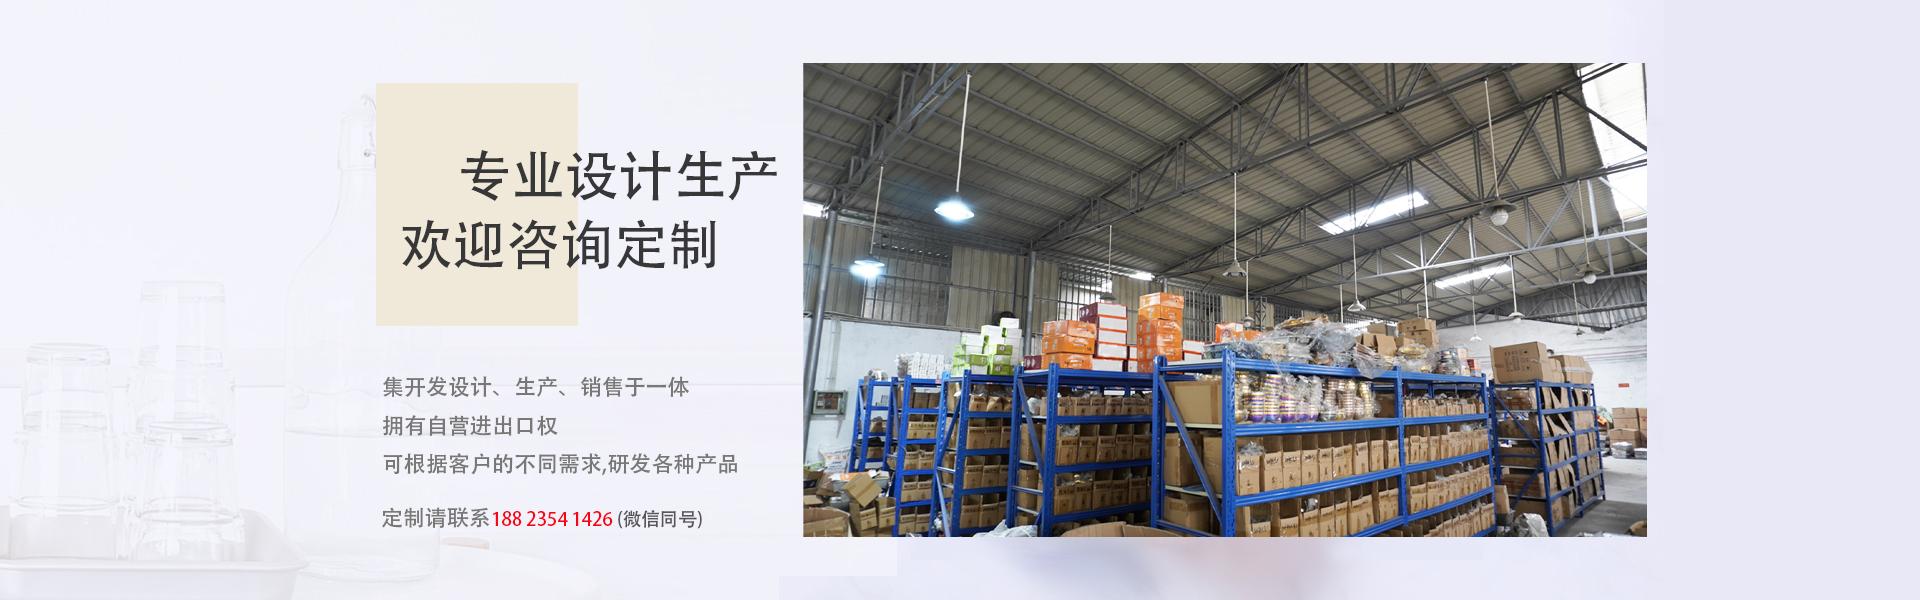 不锈钢餐具生产厂家